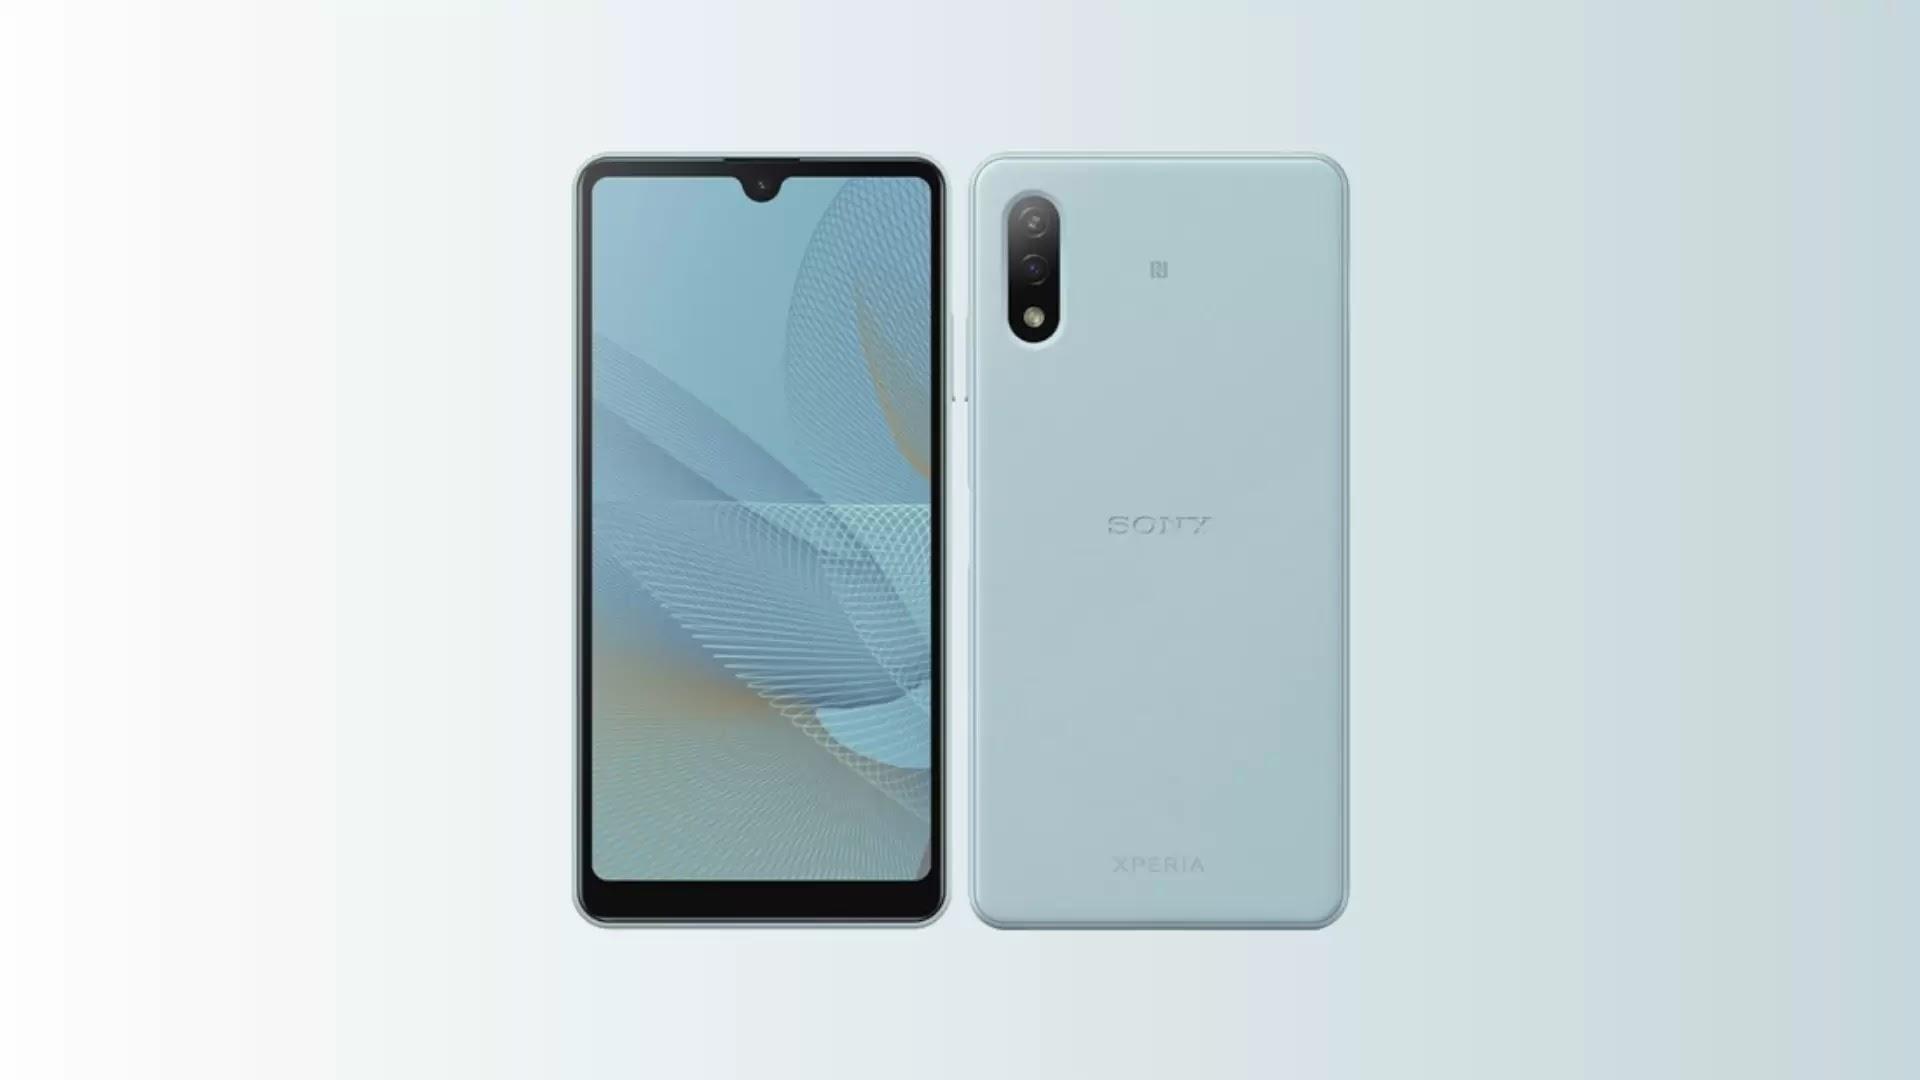 জাপানে Sony Xperia Ace 2 স্মার্টফোনটি হল লঞ্চ